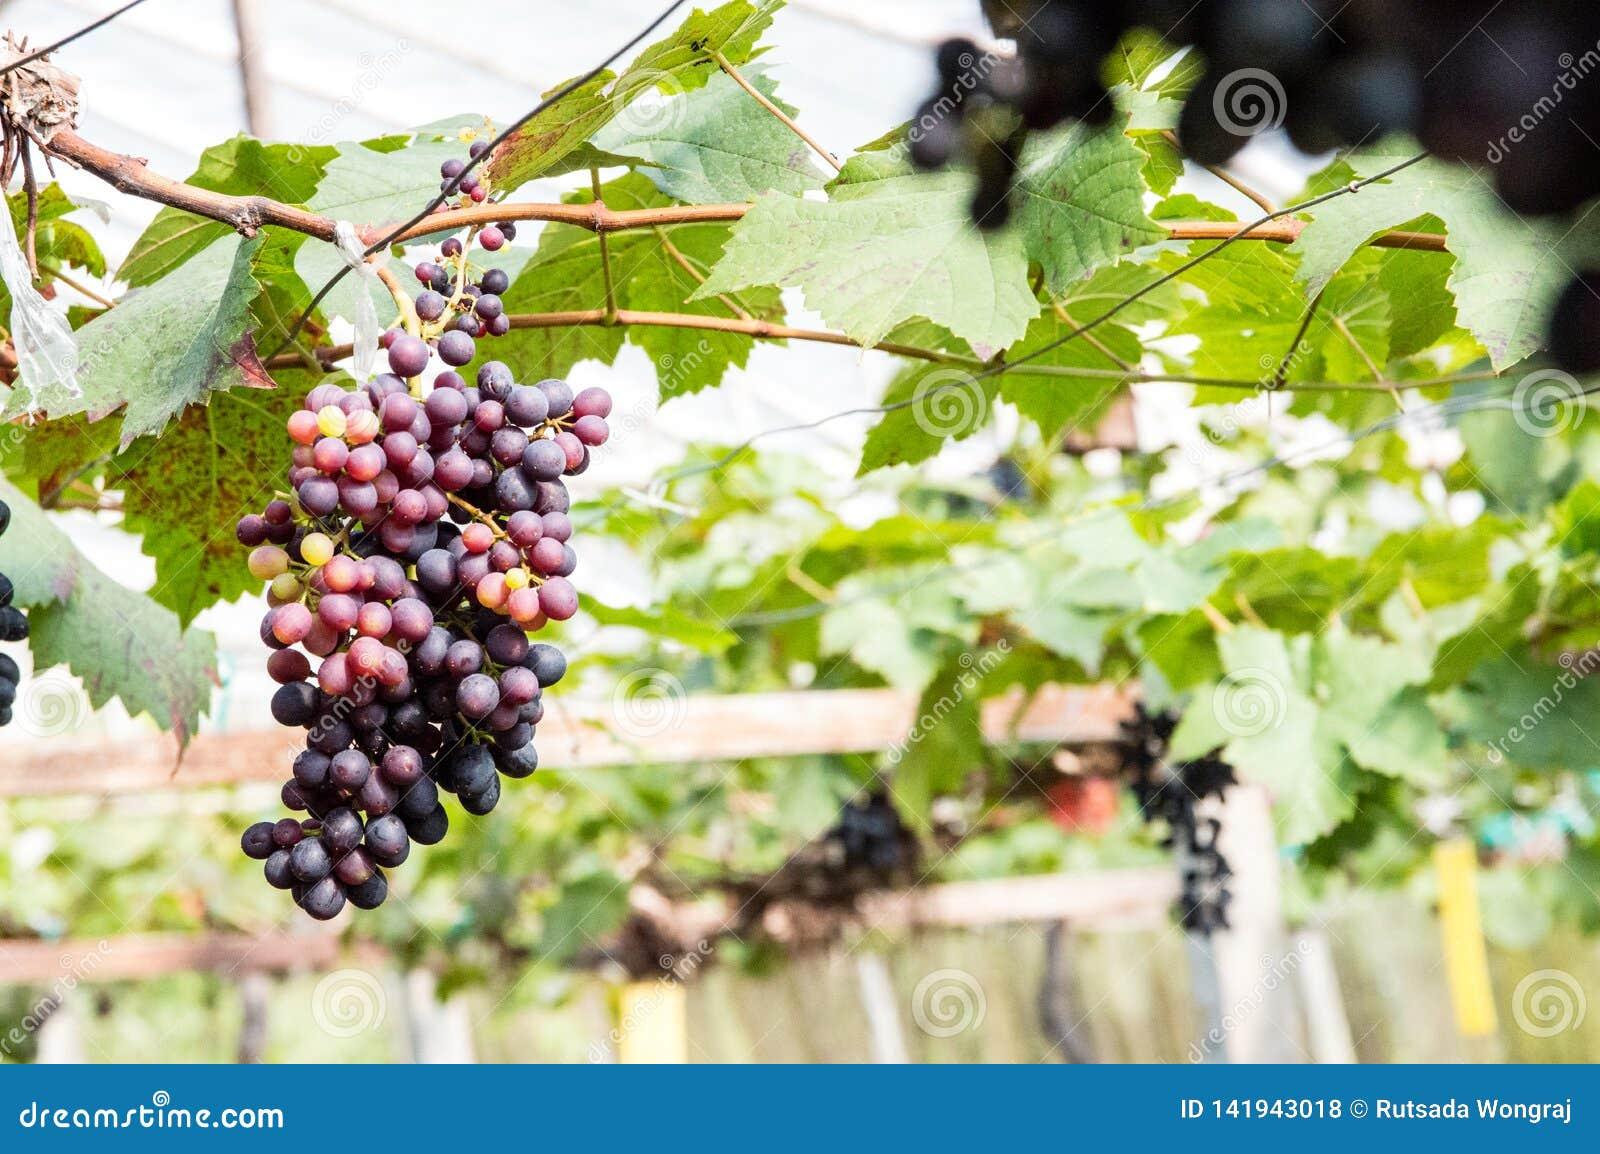 Пурпурные виноградины вися на ветвях